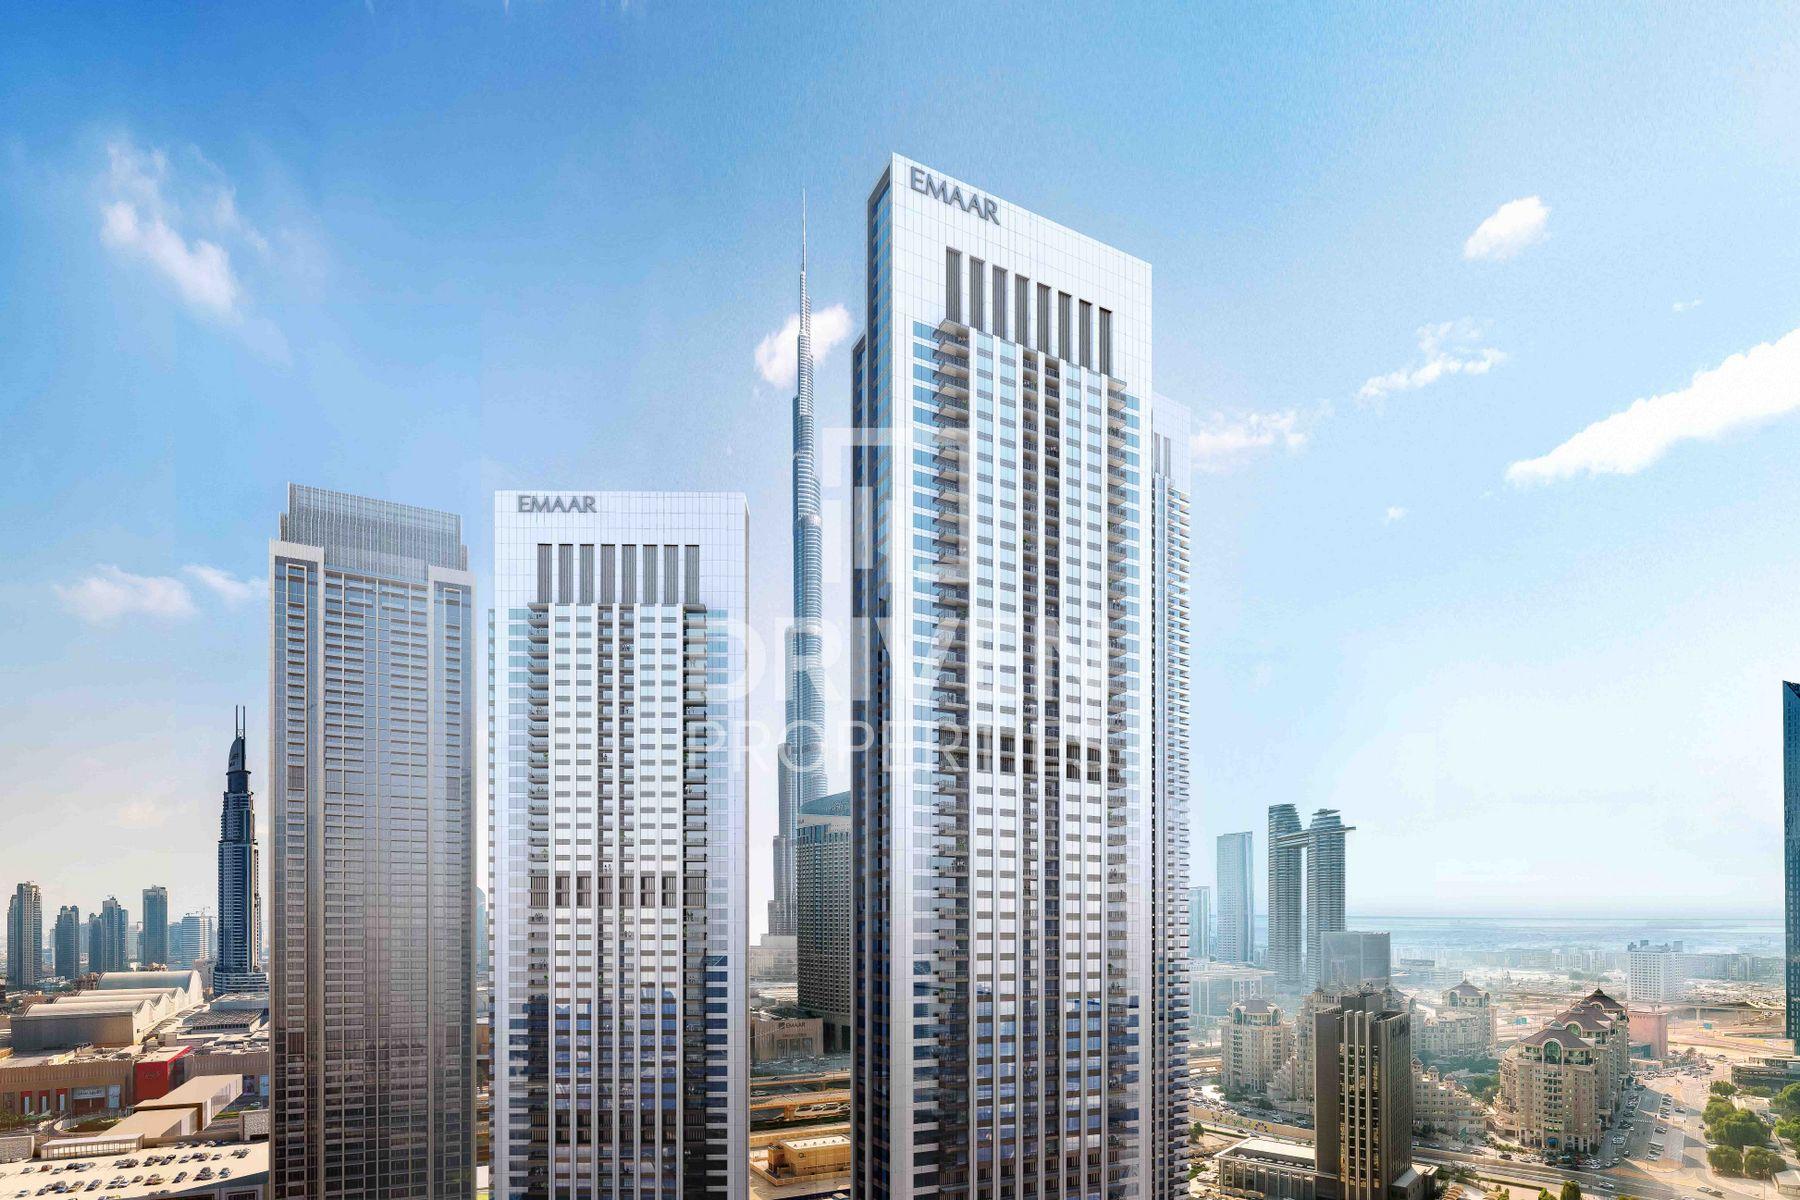 للبيع - شقة - II داون تاون فيوز - دبي وسط المدينة